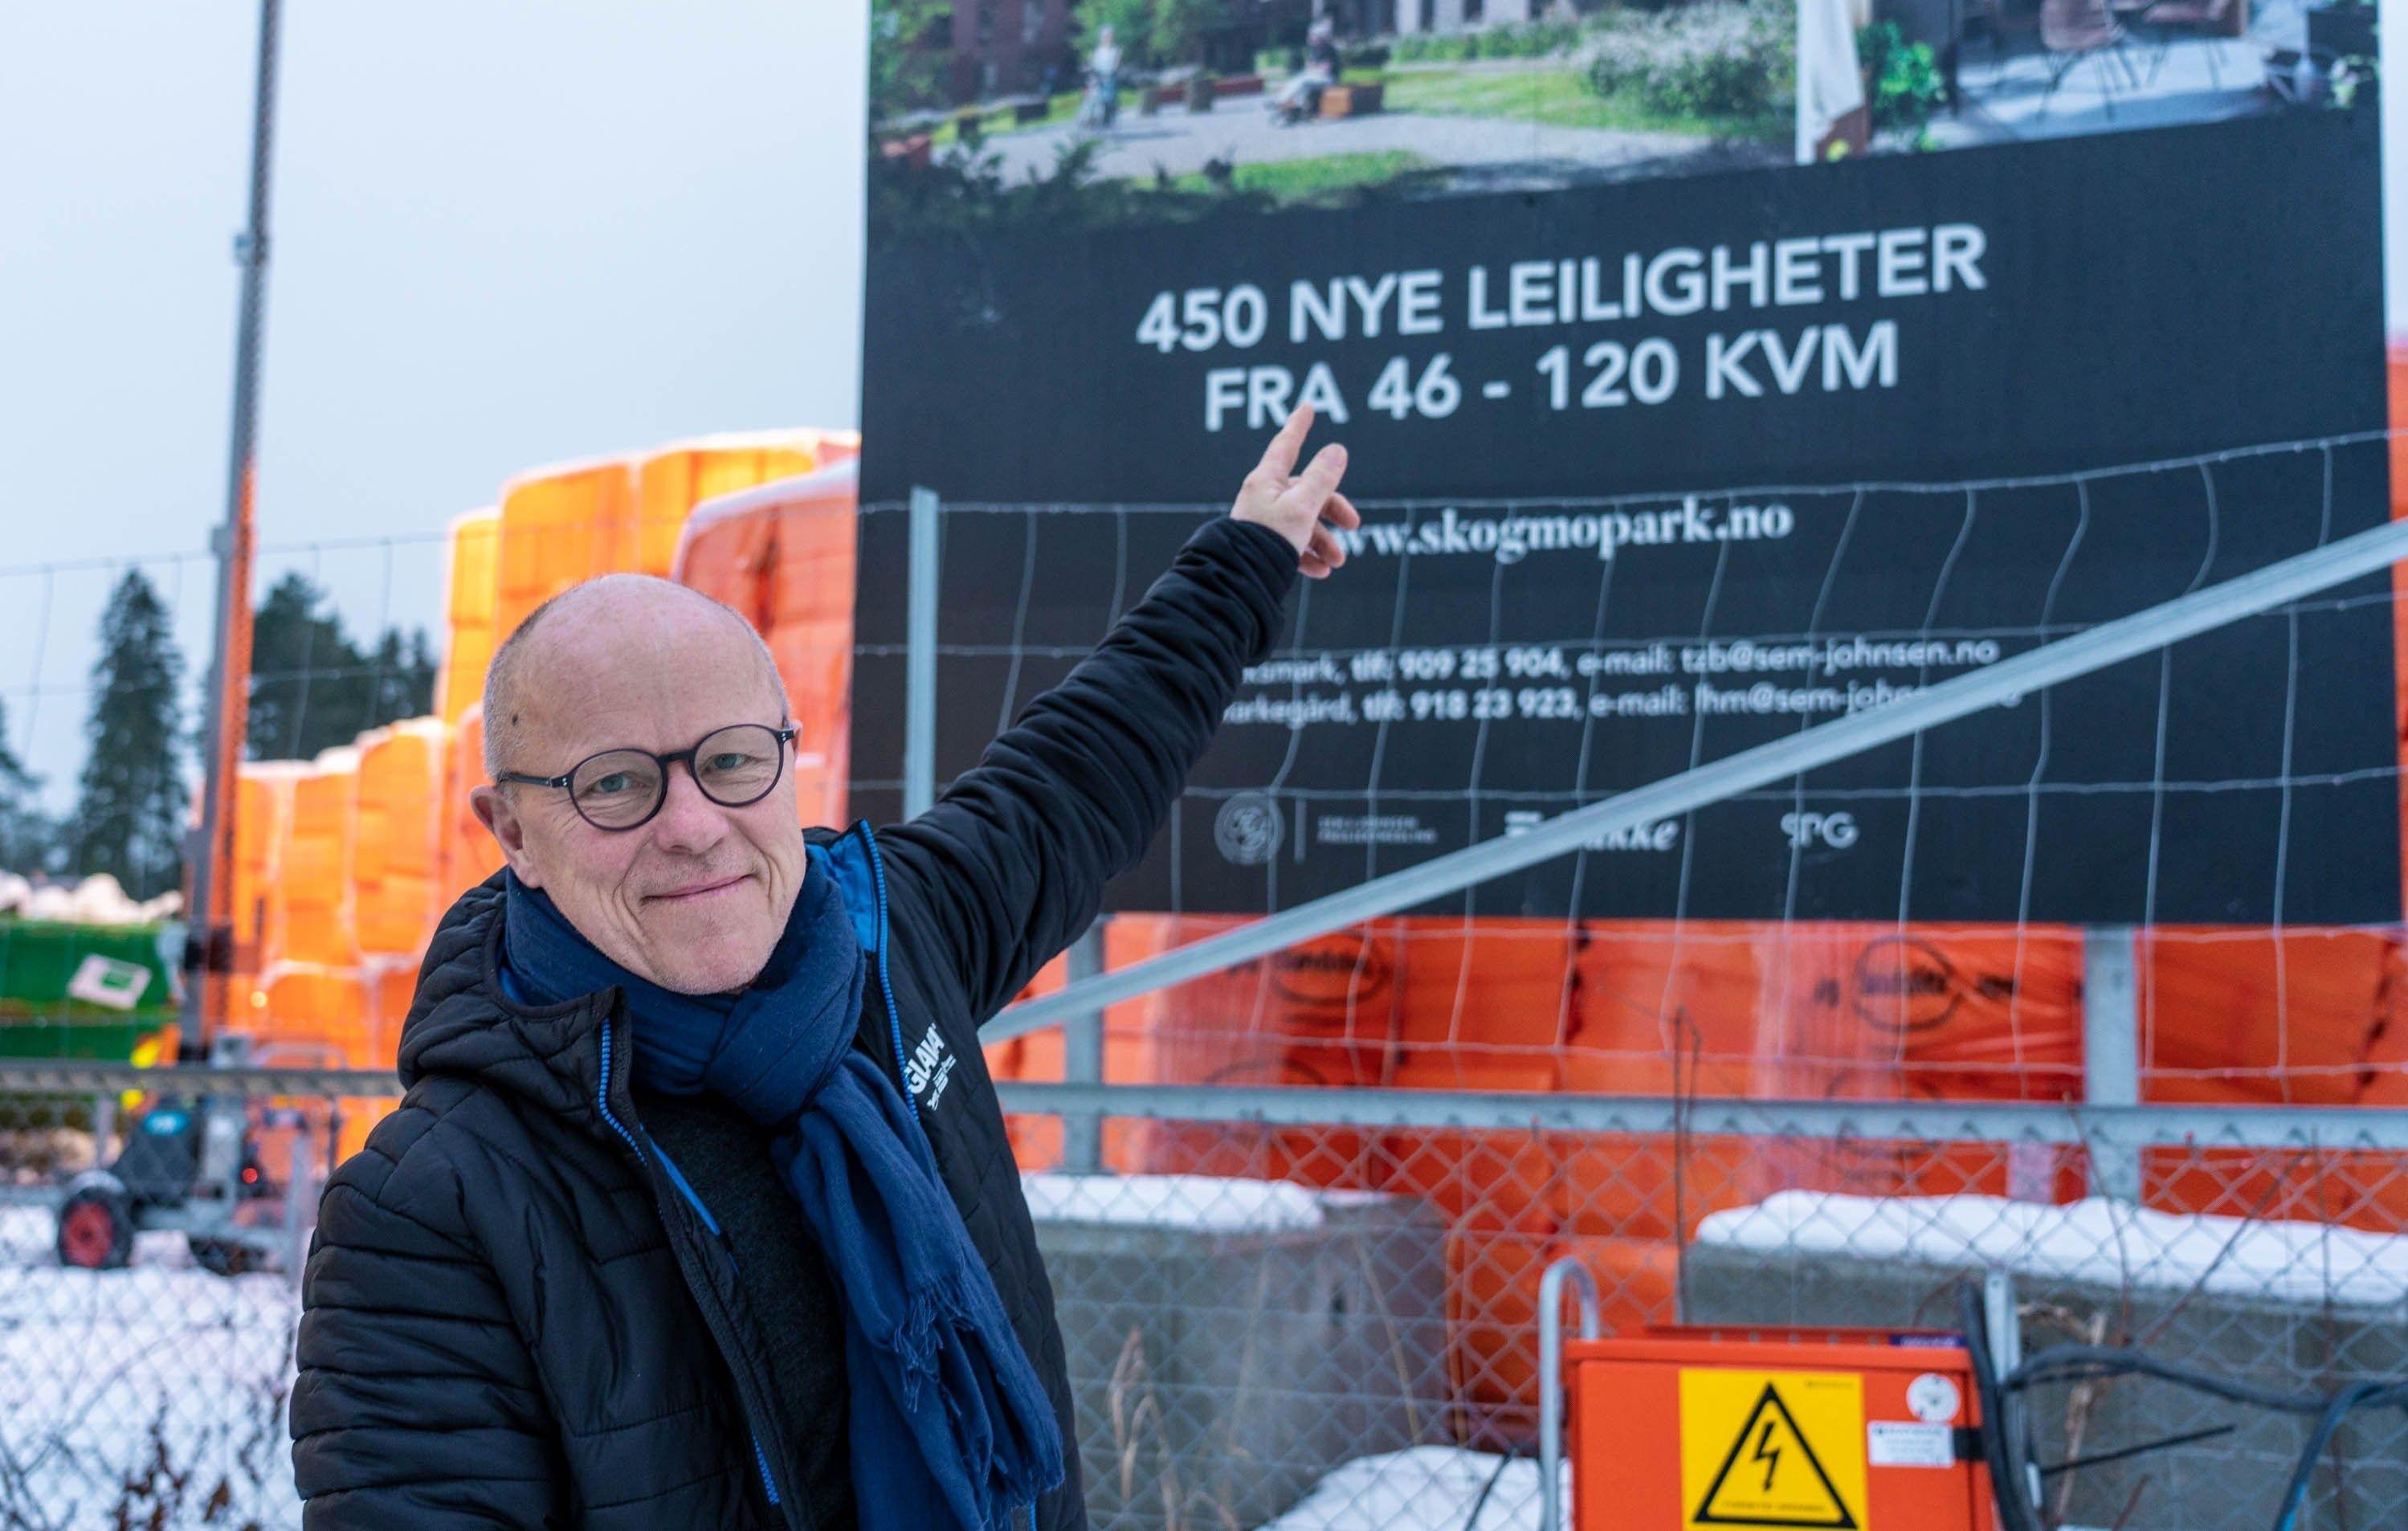 Totalt 450 nye leiligheter skal bygges på Skogmo Park. Stein Borgen har kjøpt en av dem.